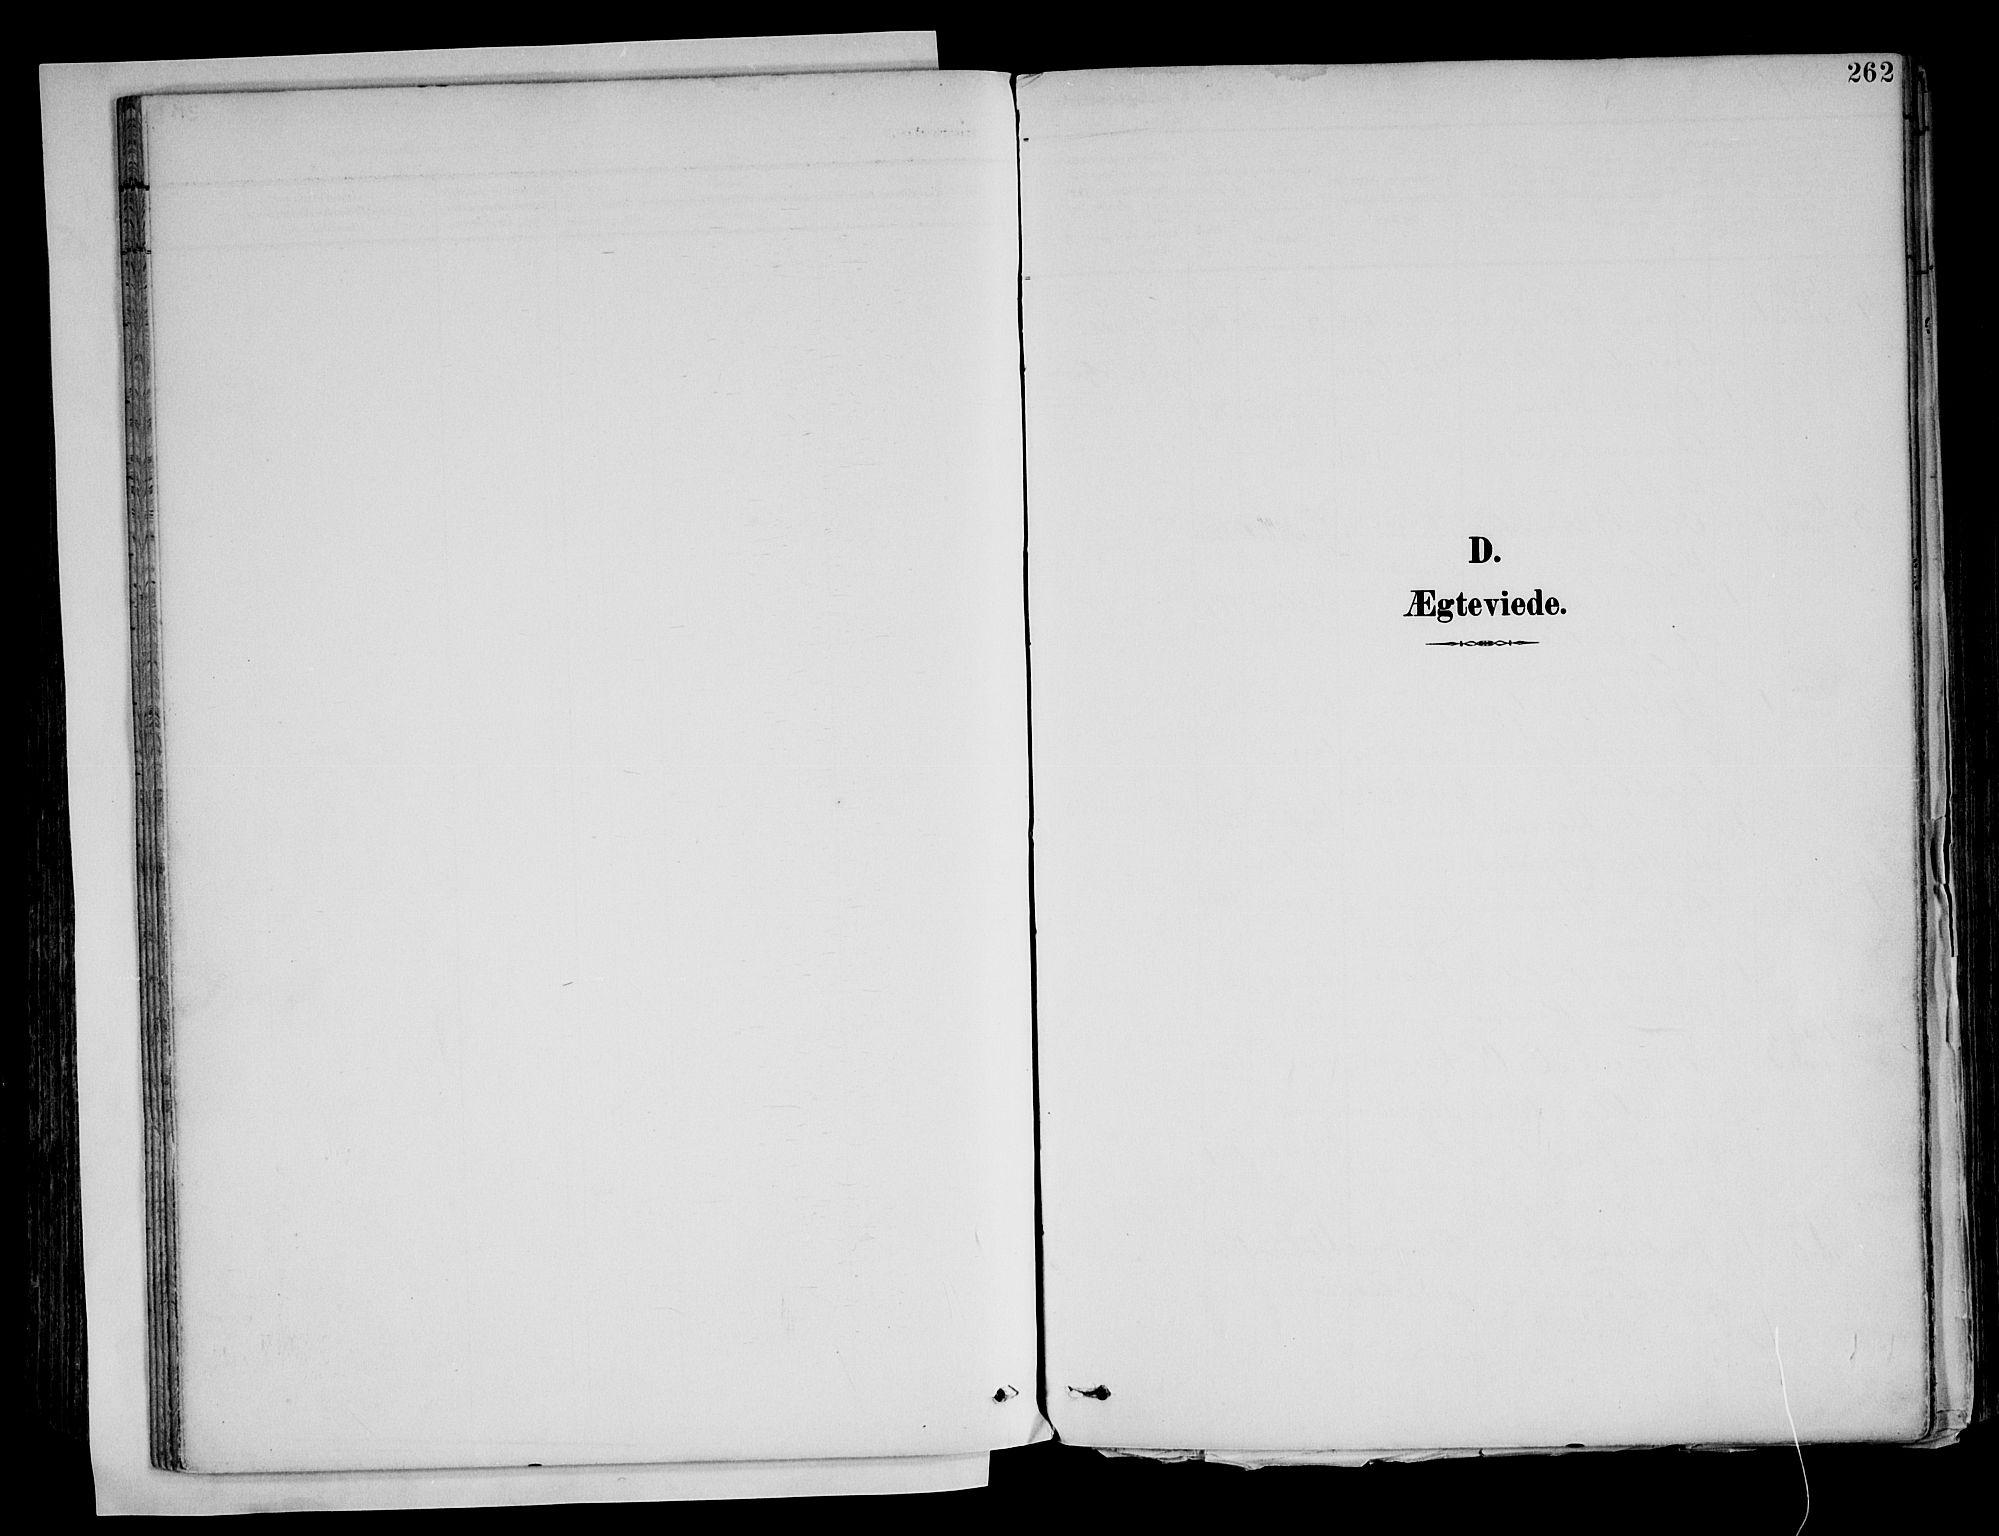 SAH, Brandval prestekontor, H/Ha/Haa/L0003: Ministerialbok nr. 3, 1894-1909, s. 262